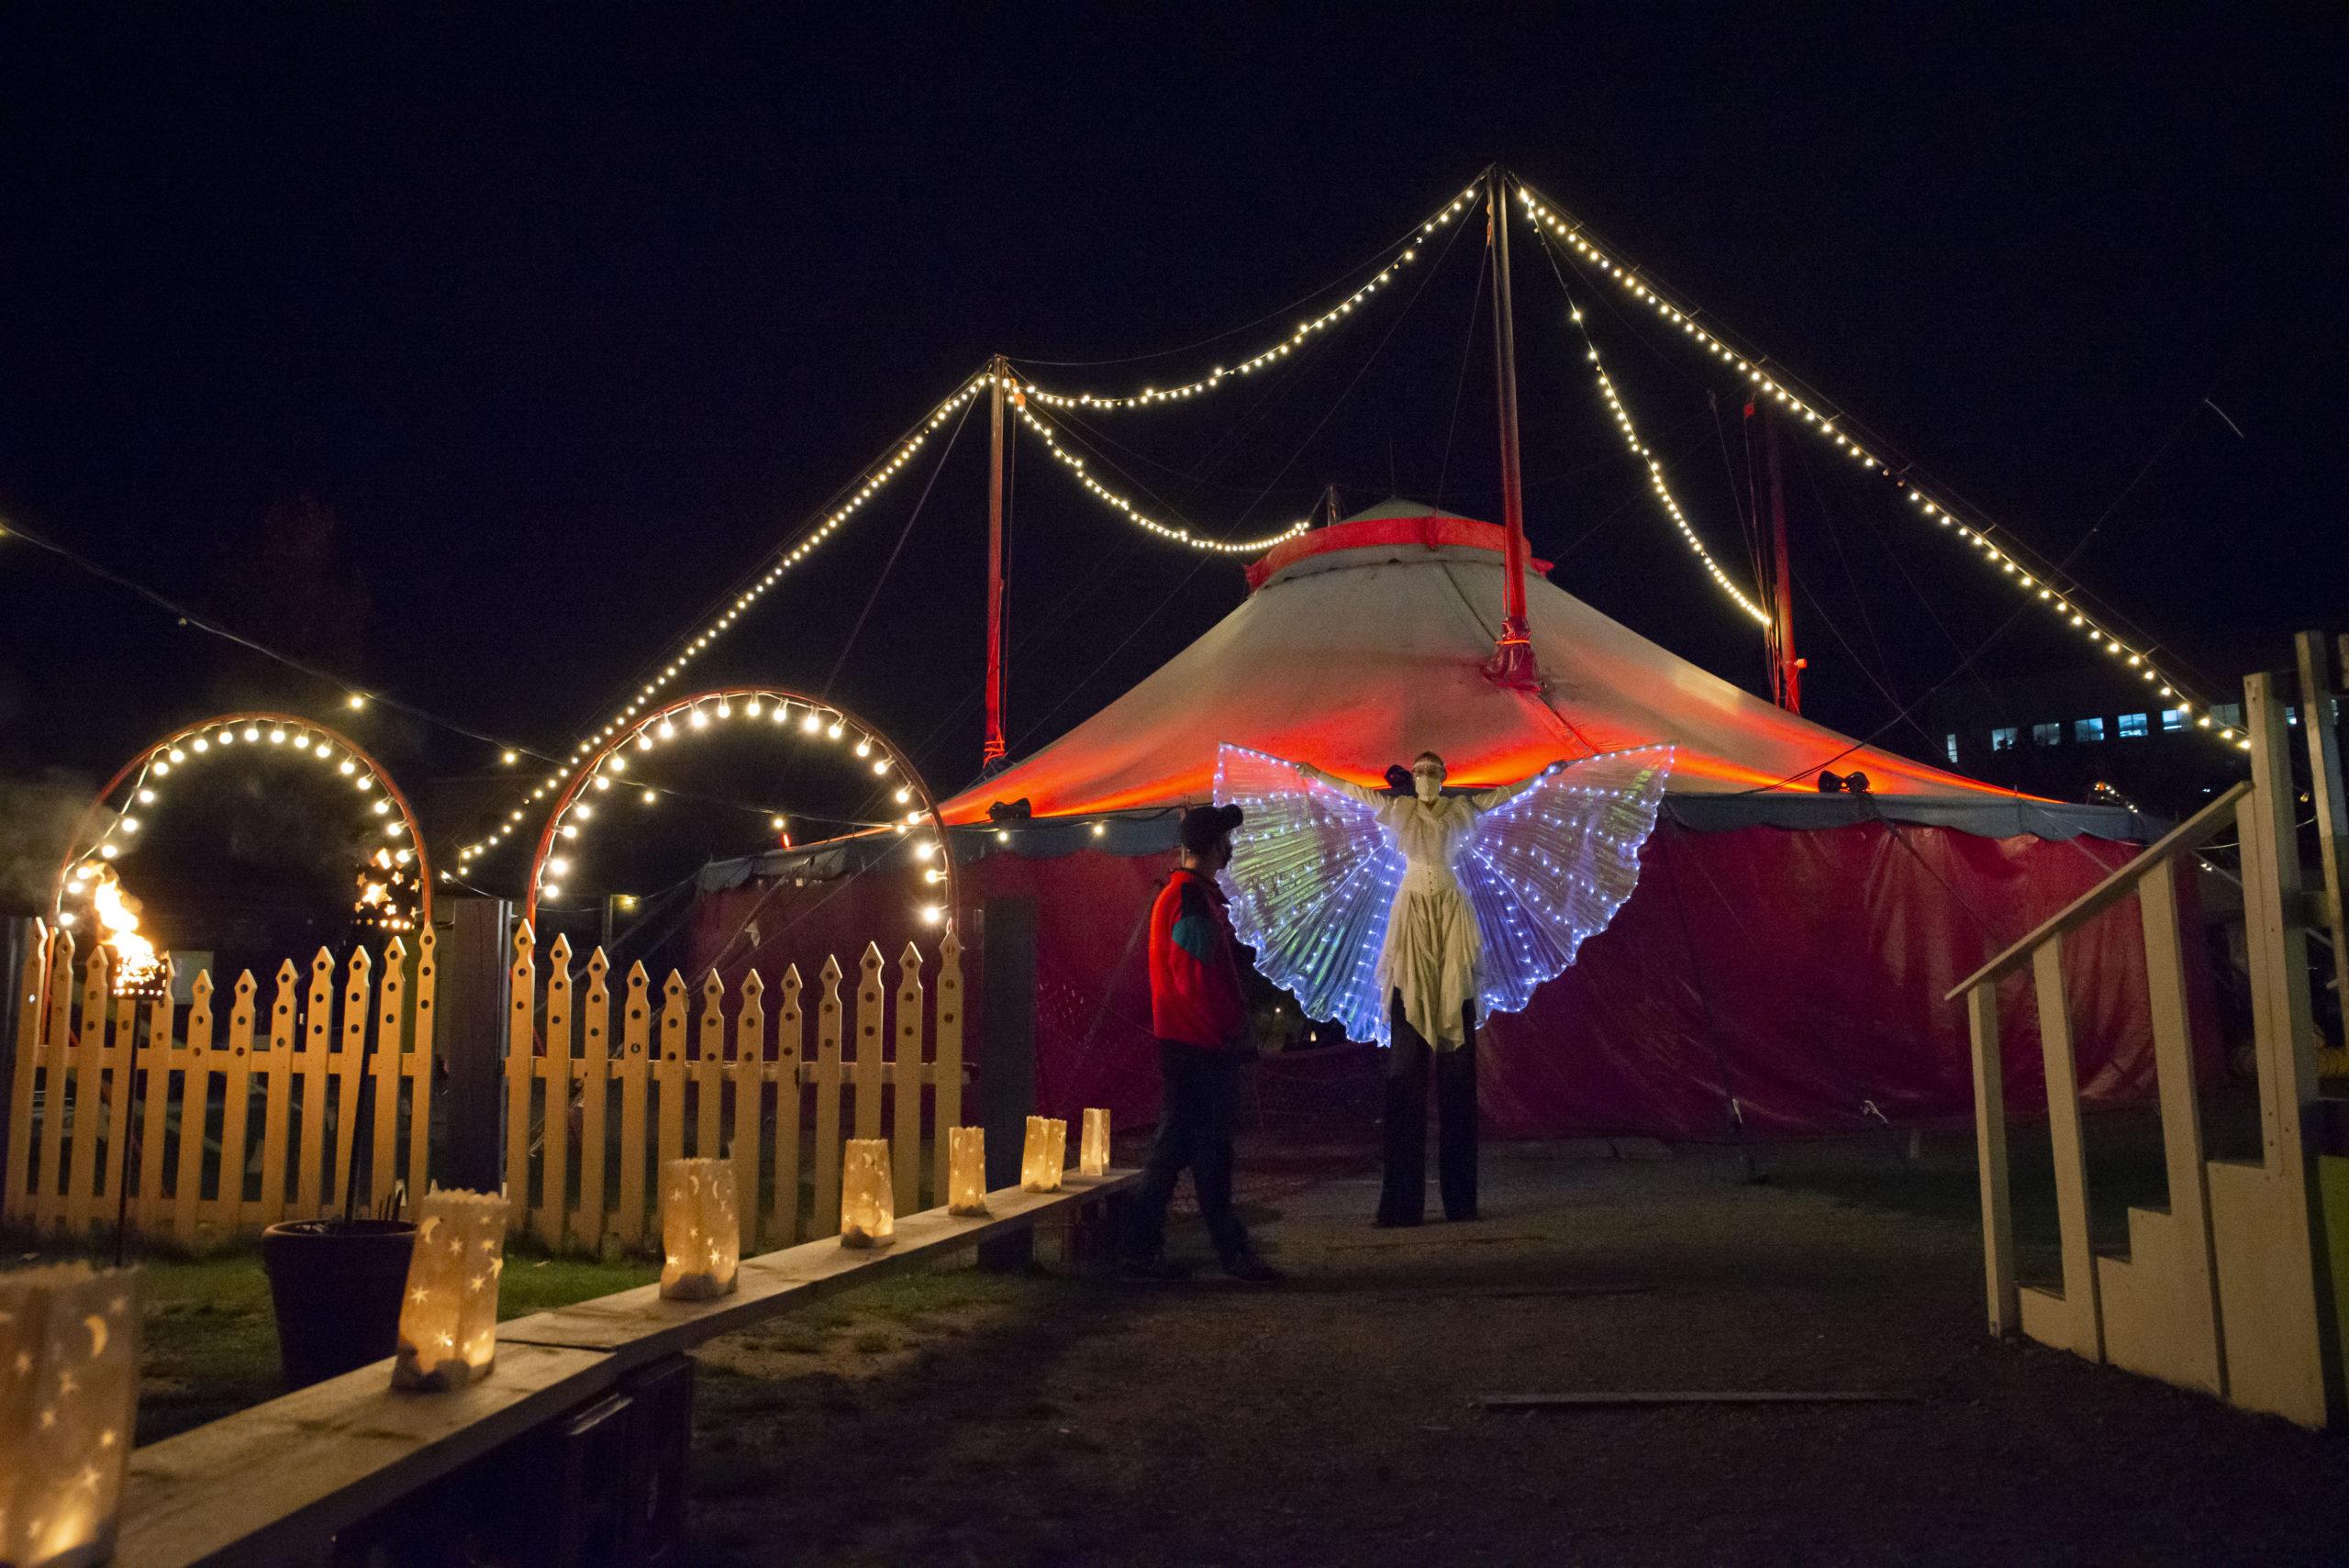 Empfangen werden die Gäste von Lichterketten und einer Fee mit leuchtenden Flügeln